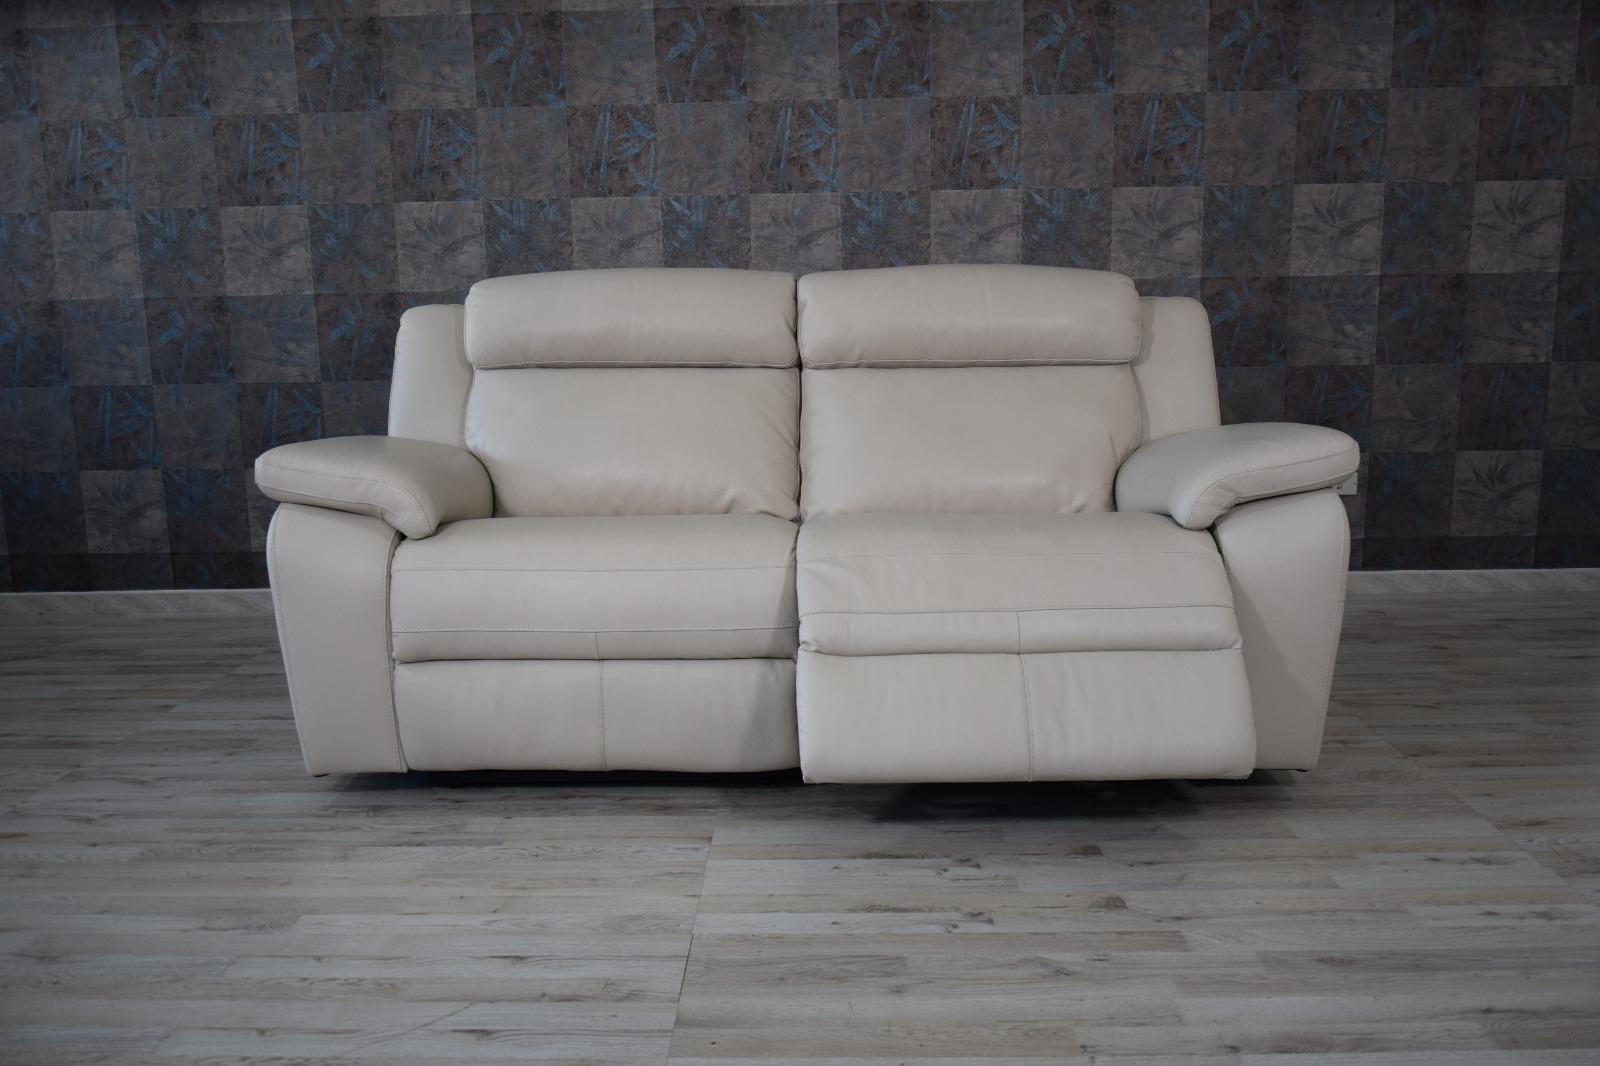 Divani Con Meccanismo Relax divano relax in pelle grigio perla a 3 posti con meccanismi recliner  elettrici - schienale alto